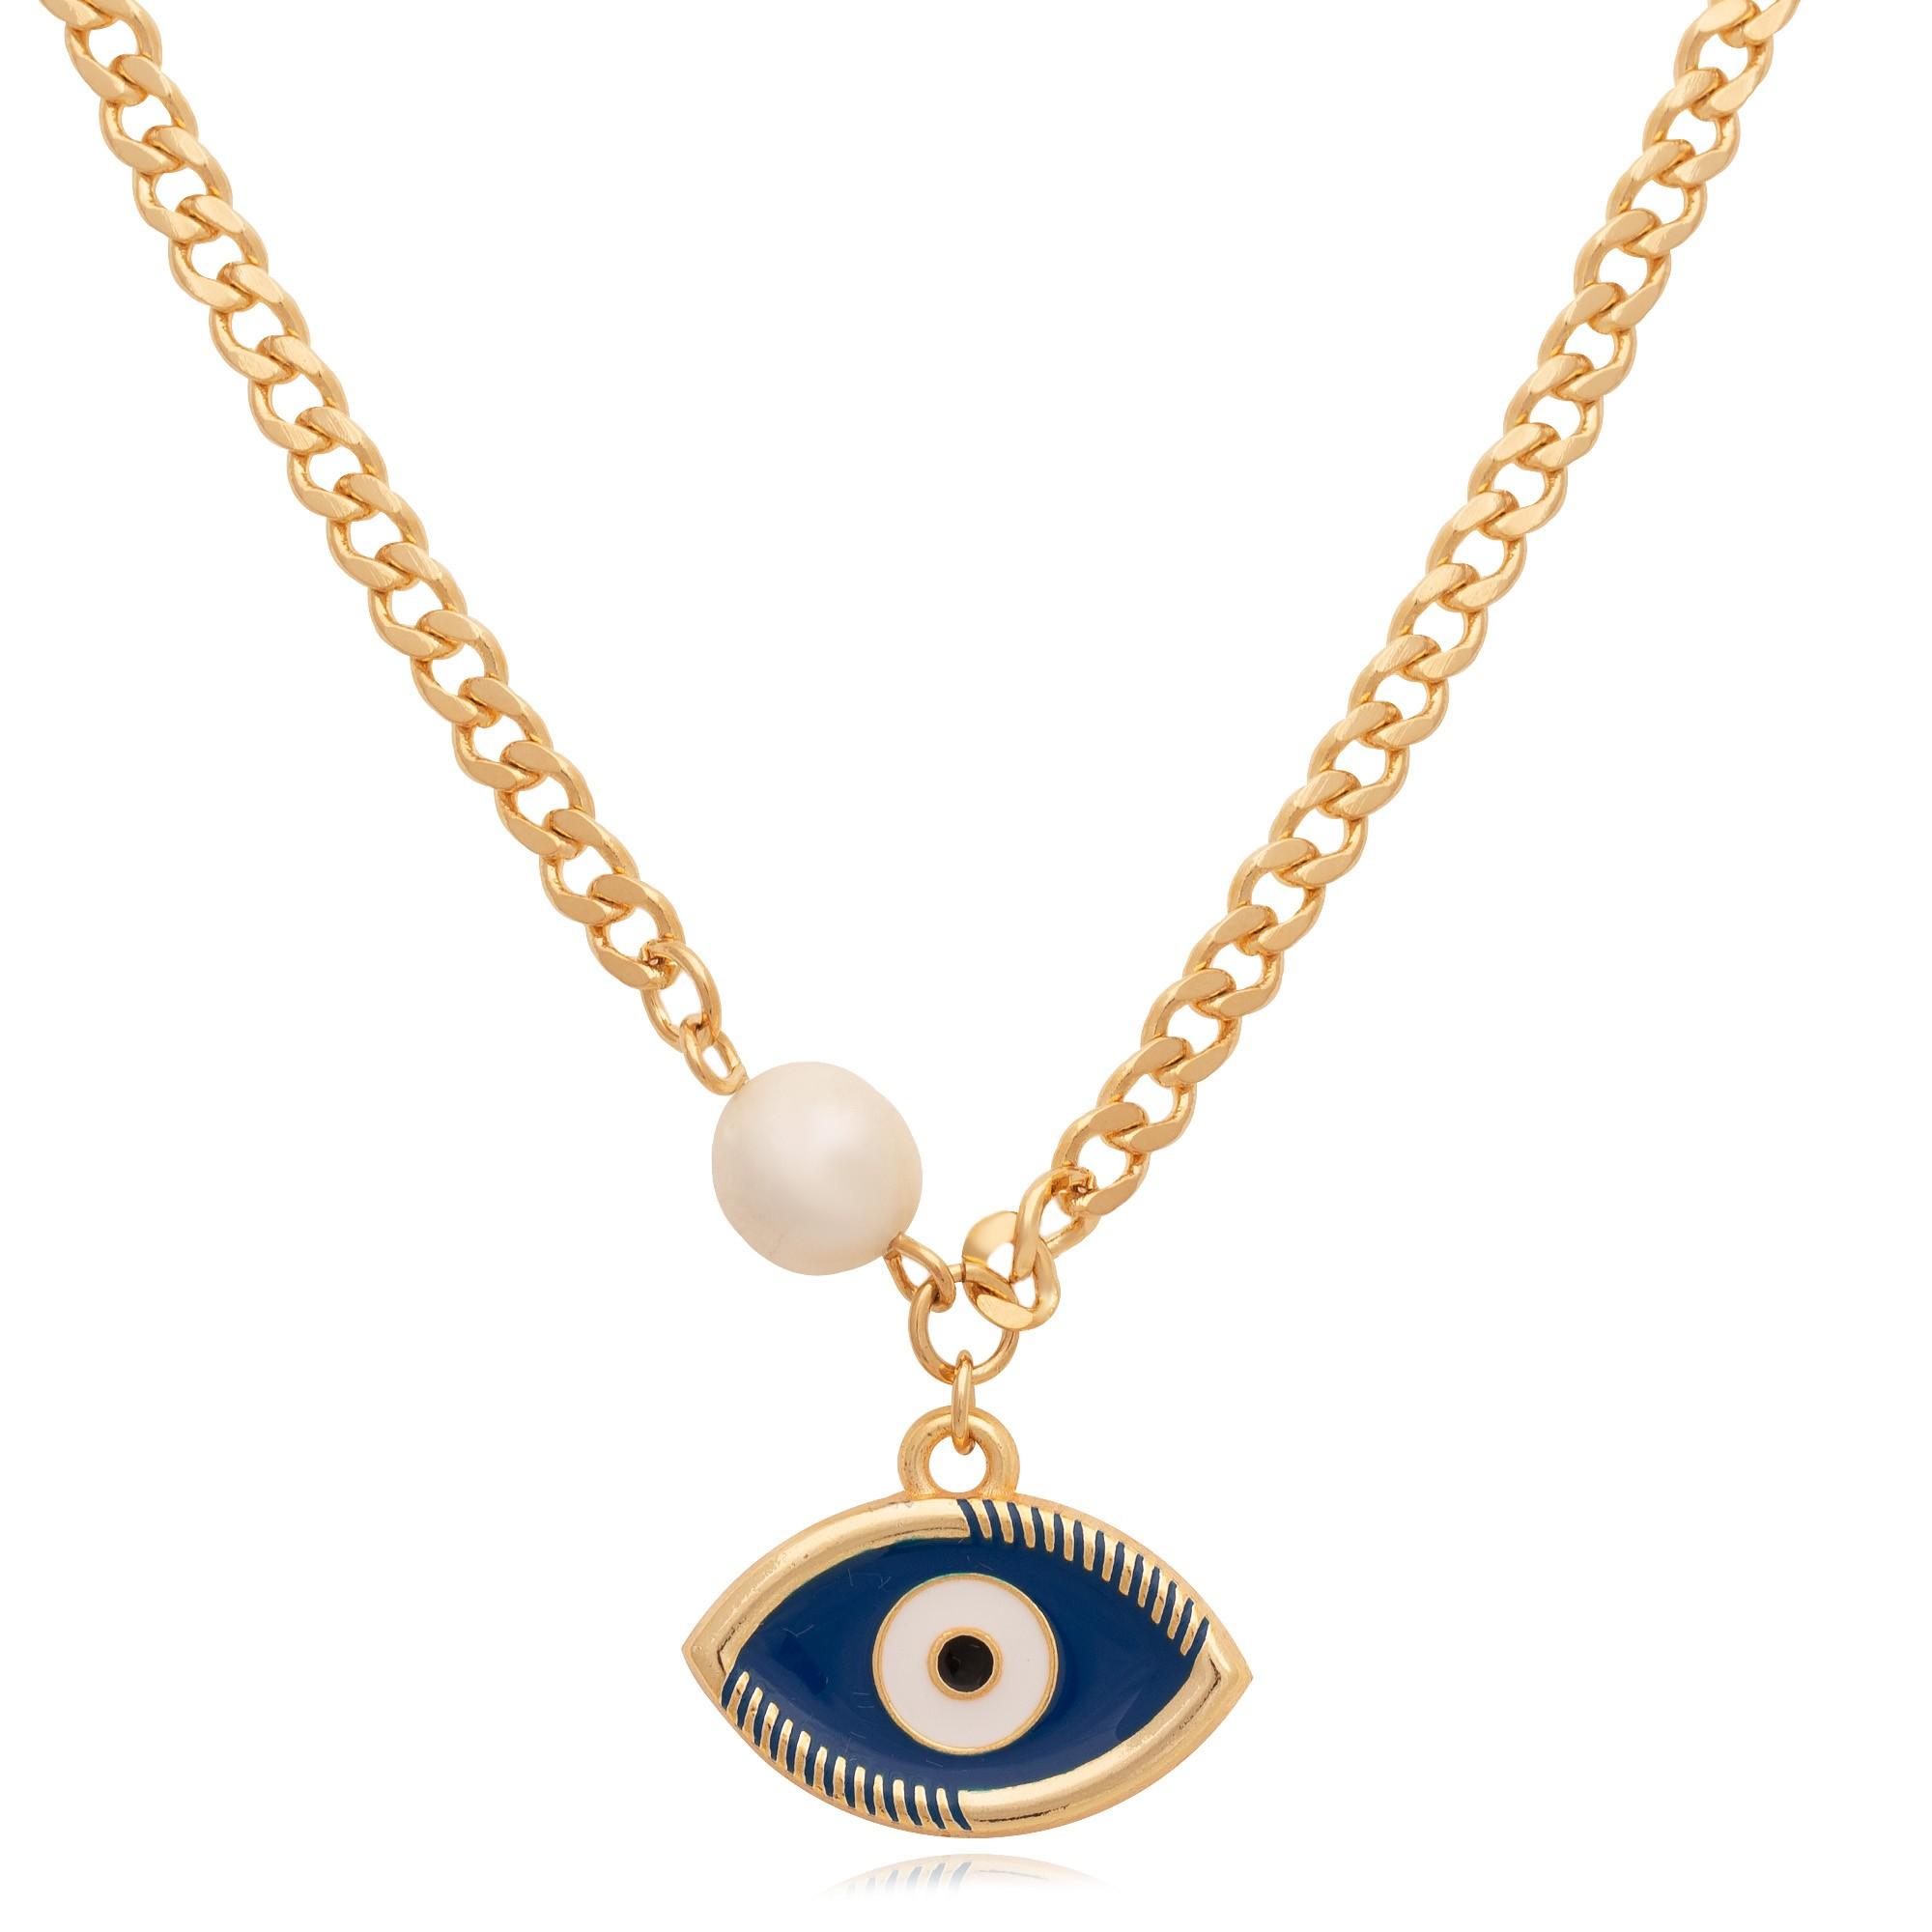 Colar banhado à ouro 18k com pingente olho grego azul e pérola.  - bfdecor.com.br